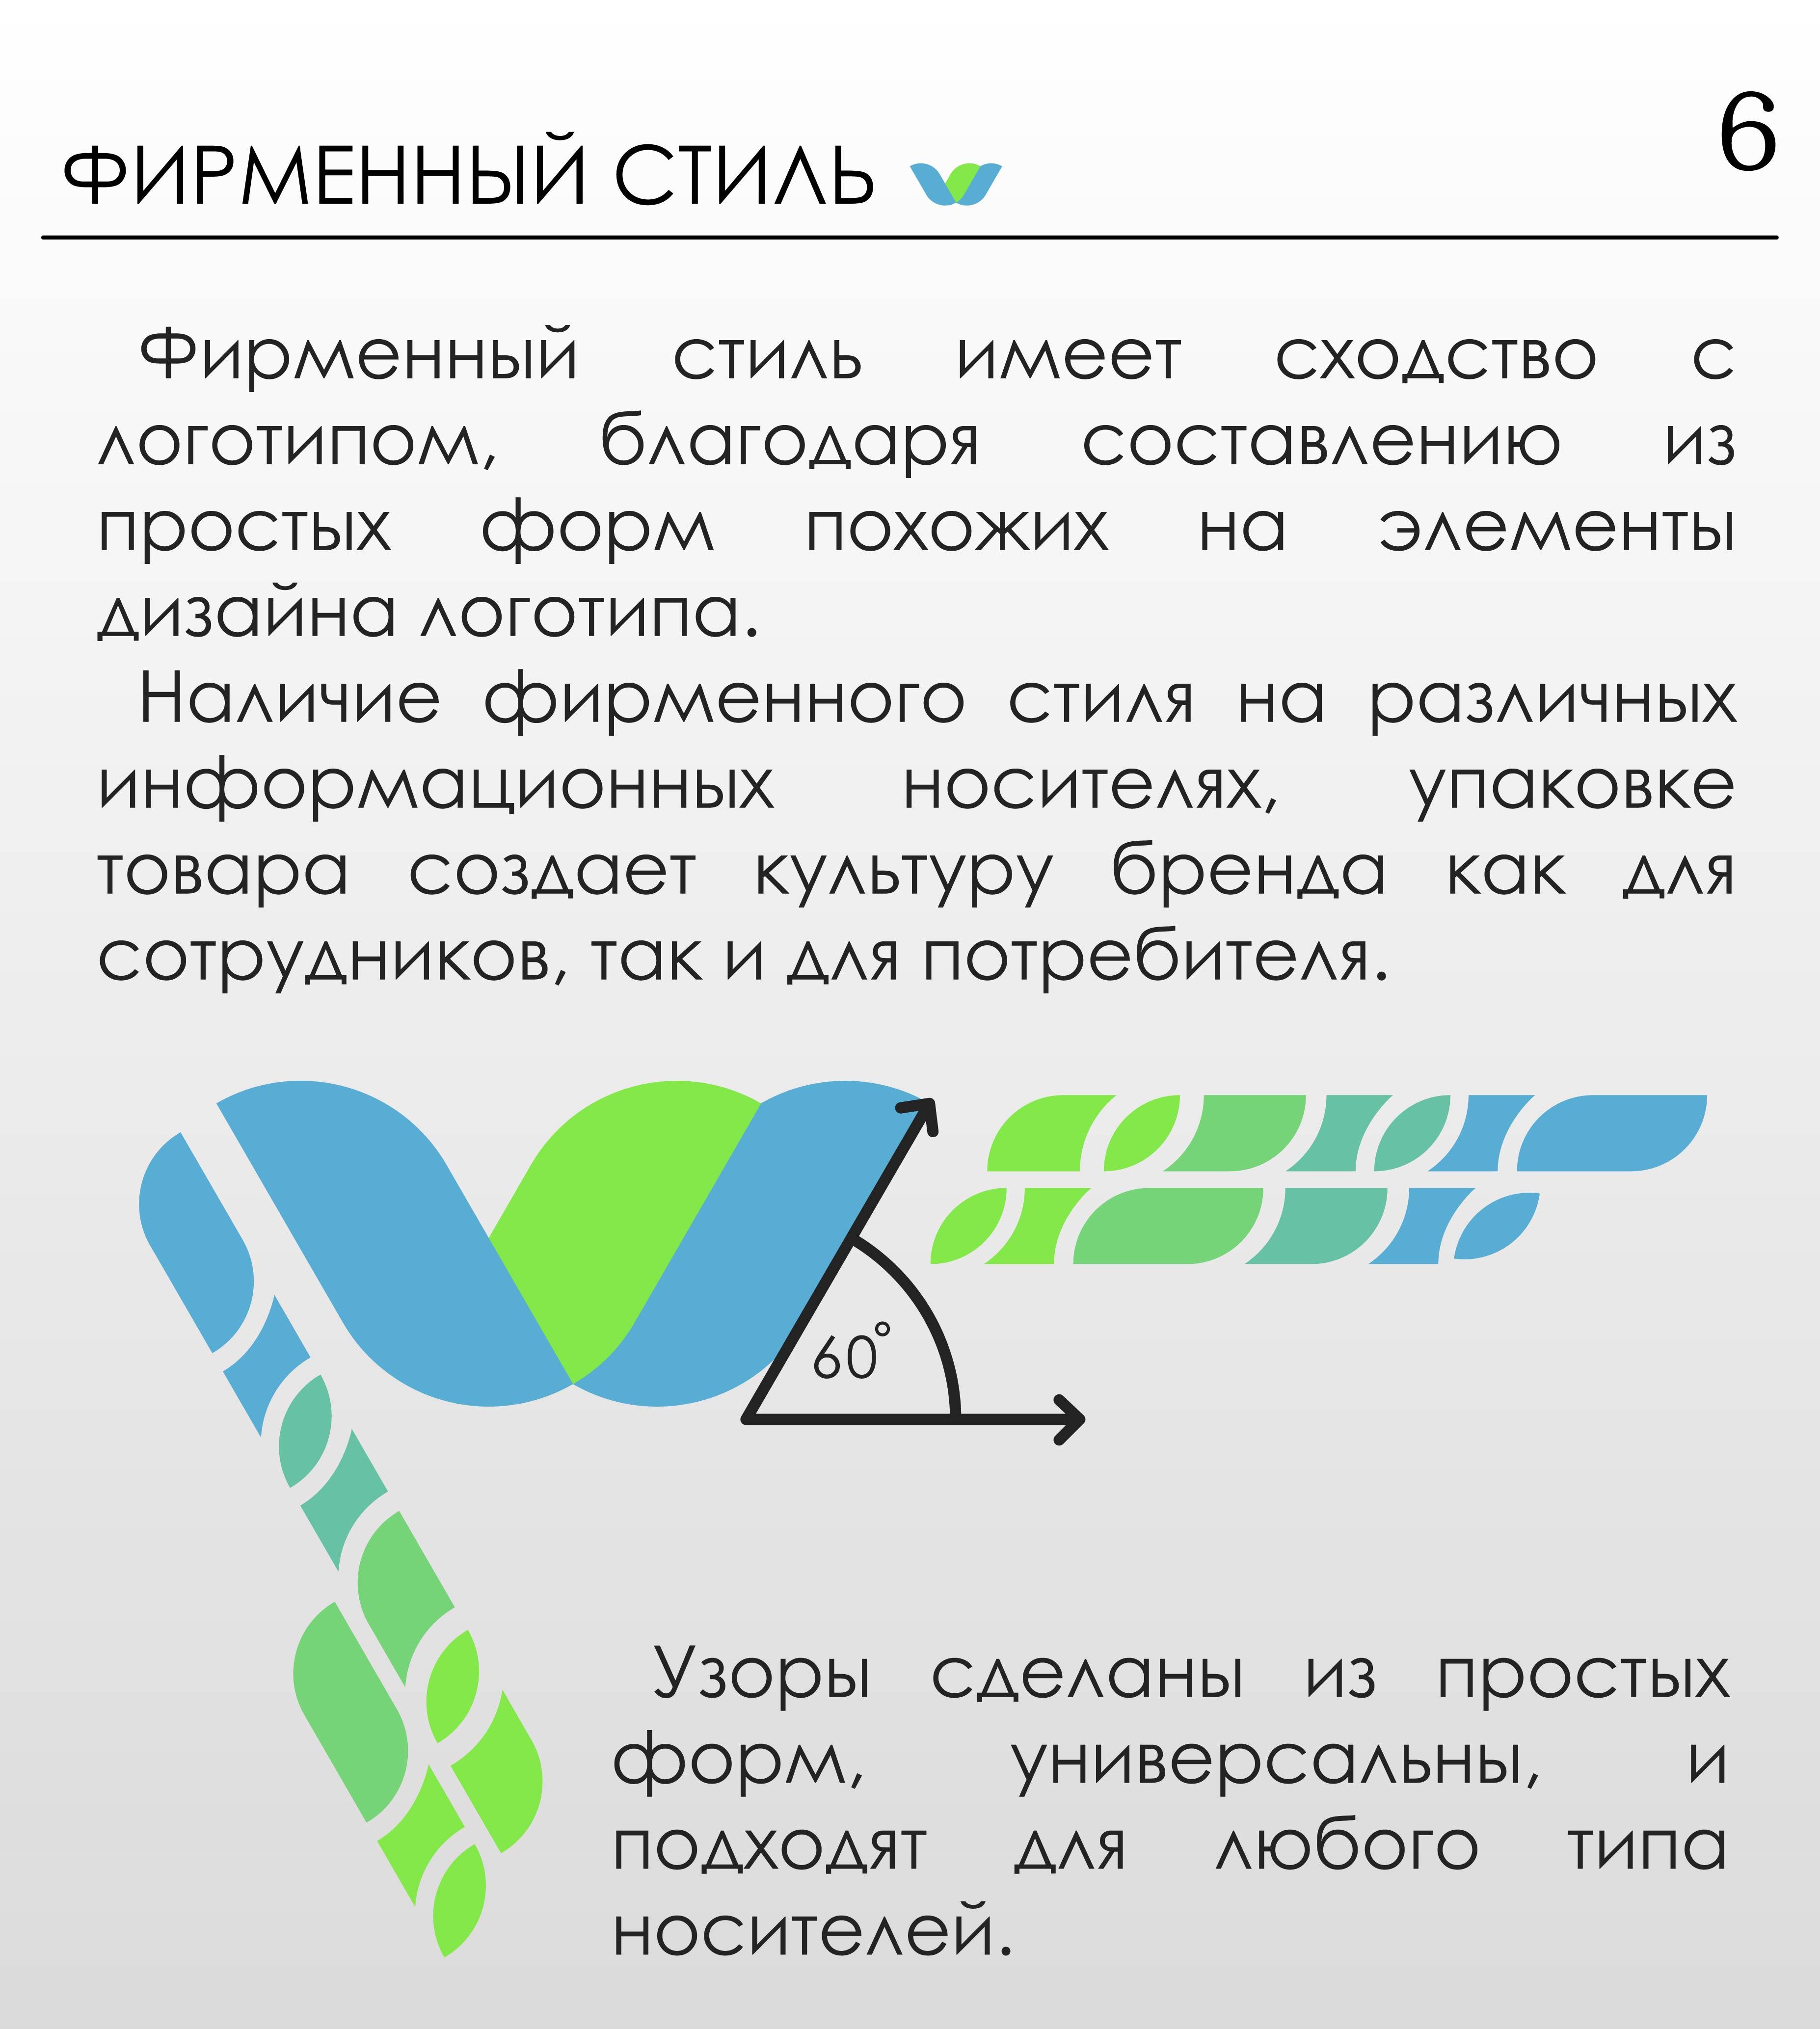 Логотип и фирменный стиль фото f_987595948af7de03.jpg